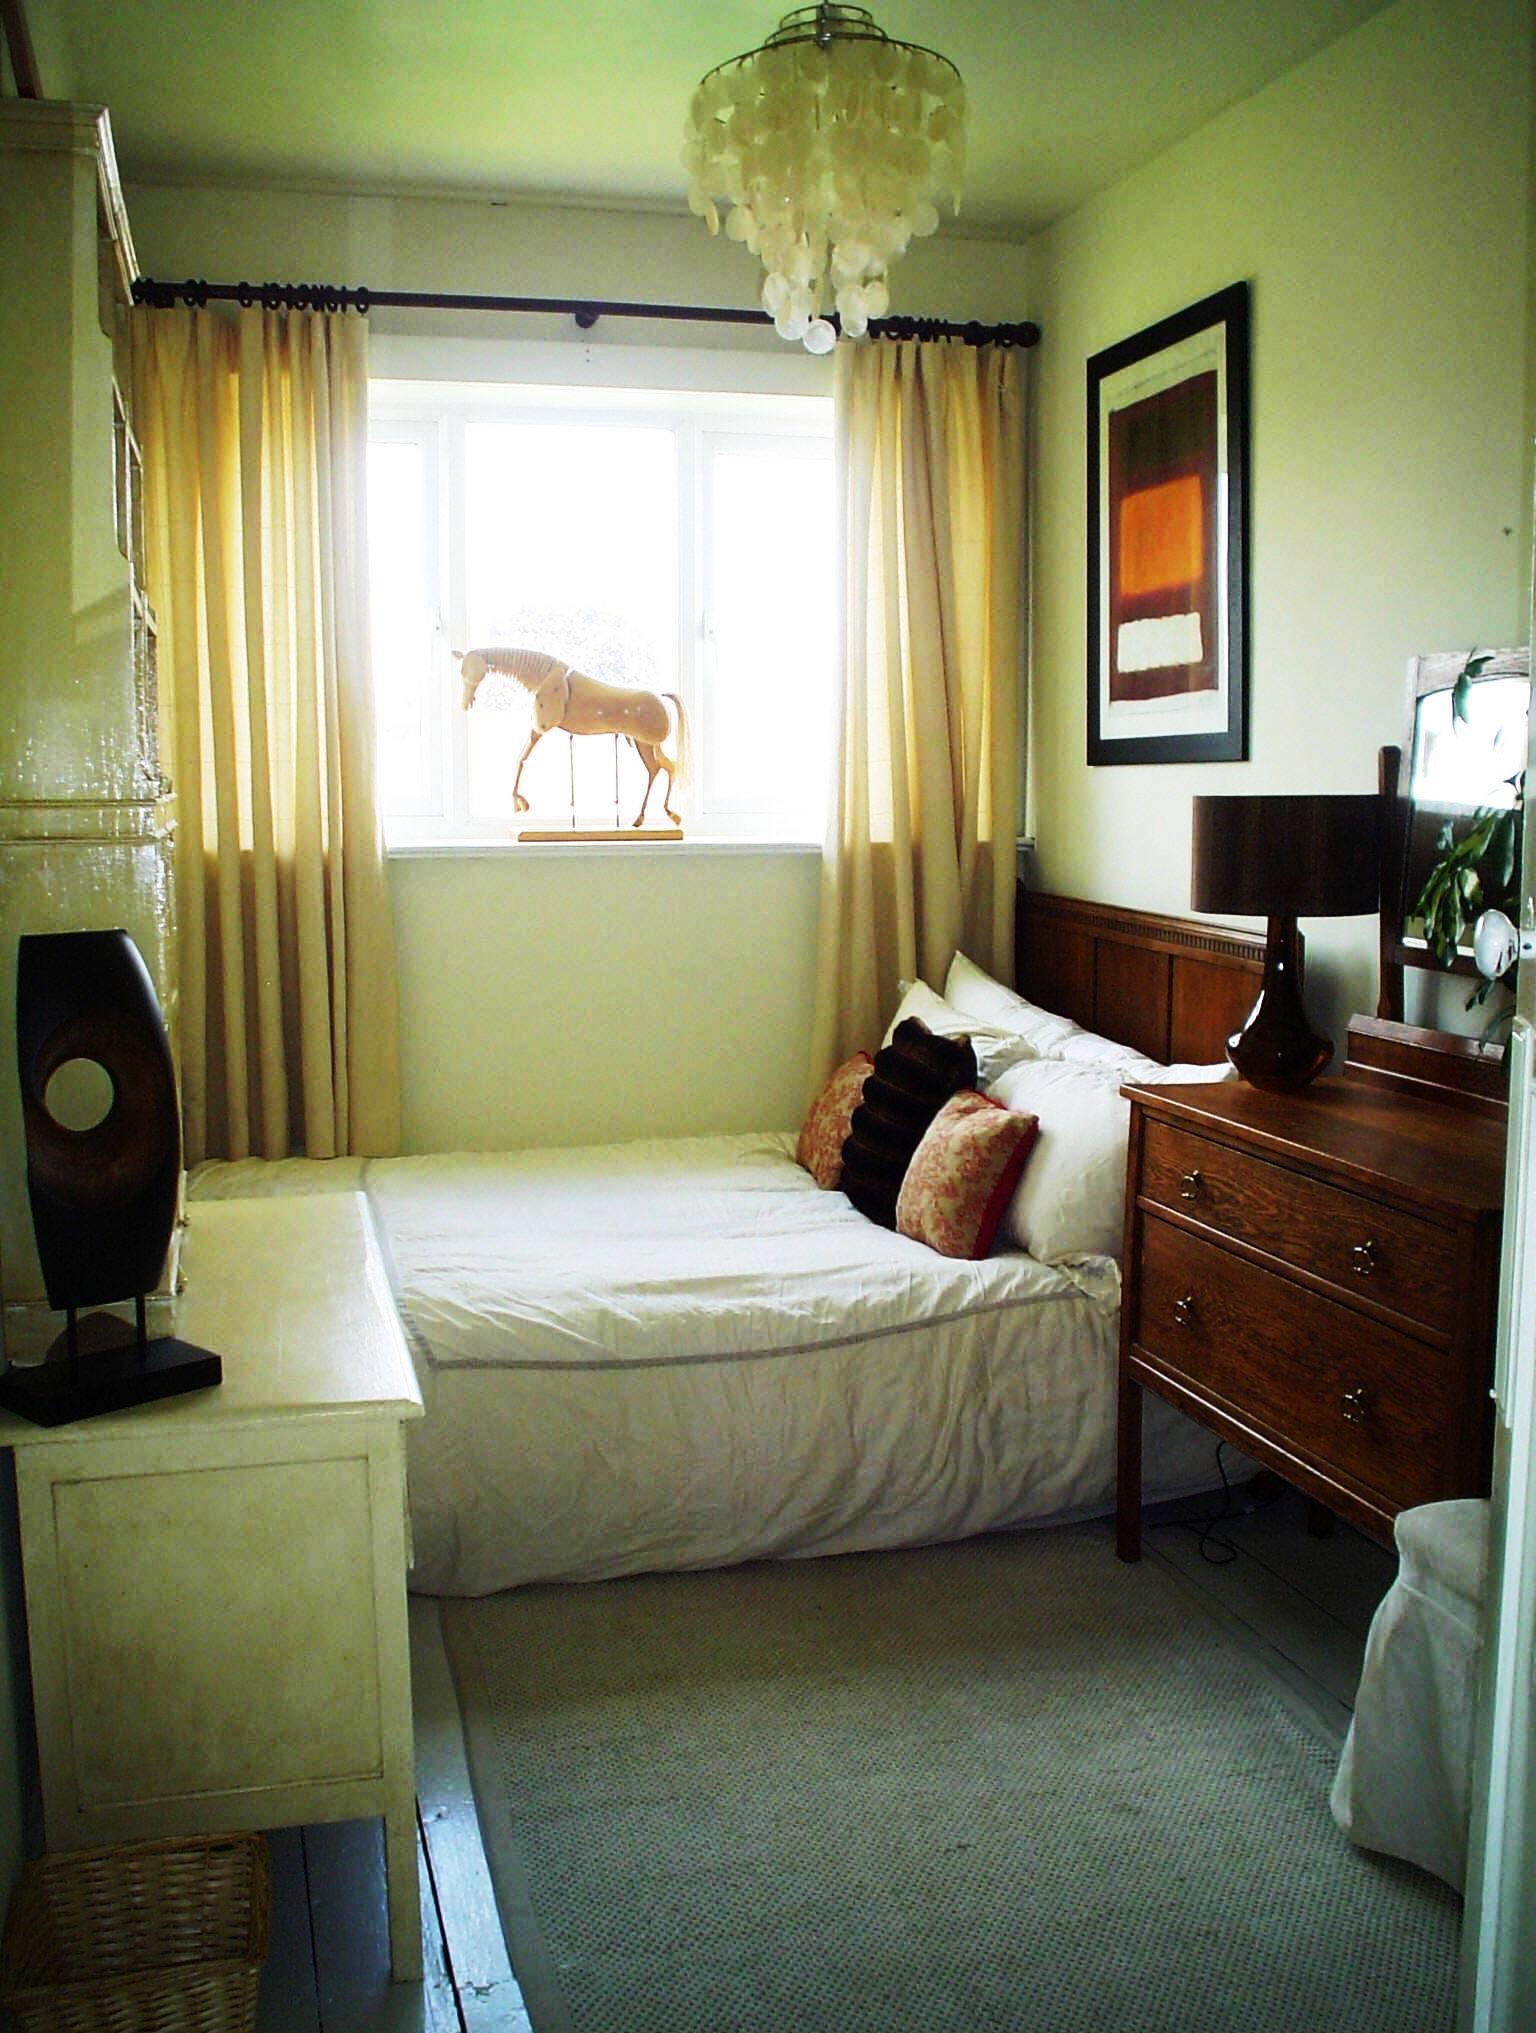 Размещение кровати в маленькой комнате